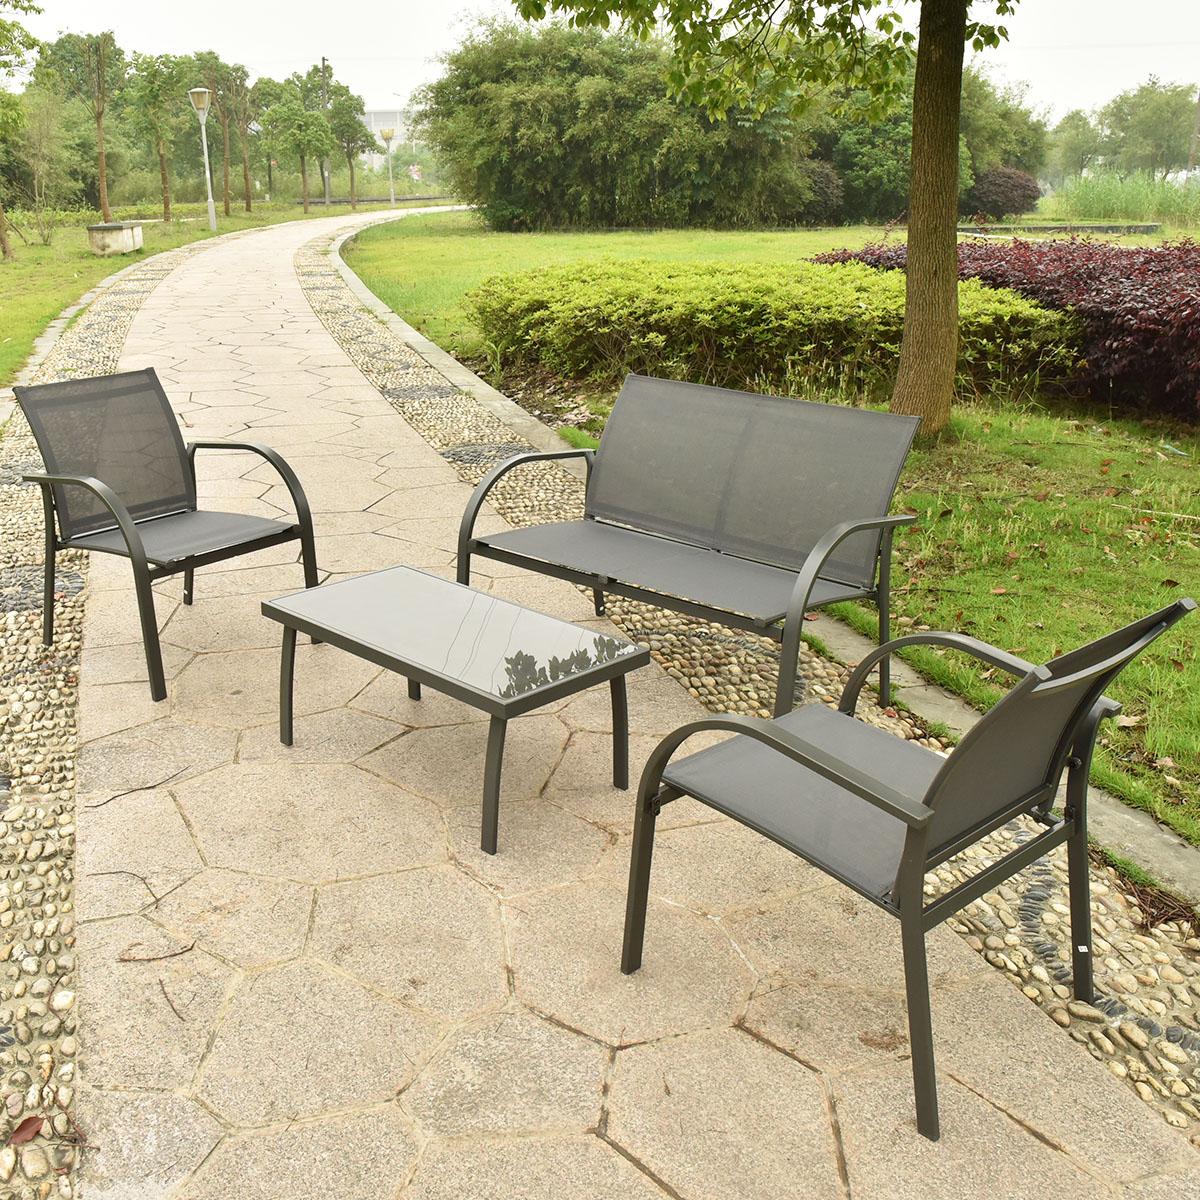 garden furniture set  64